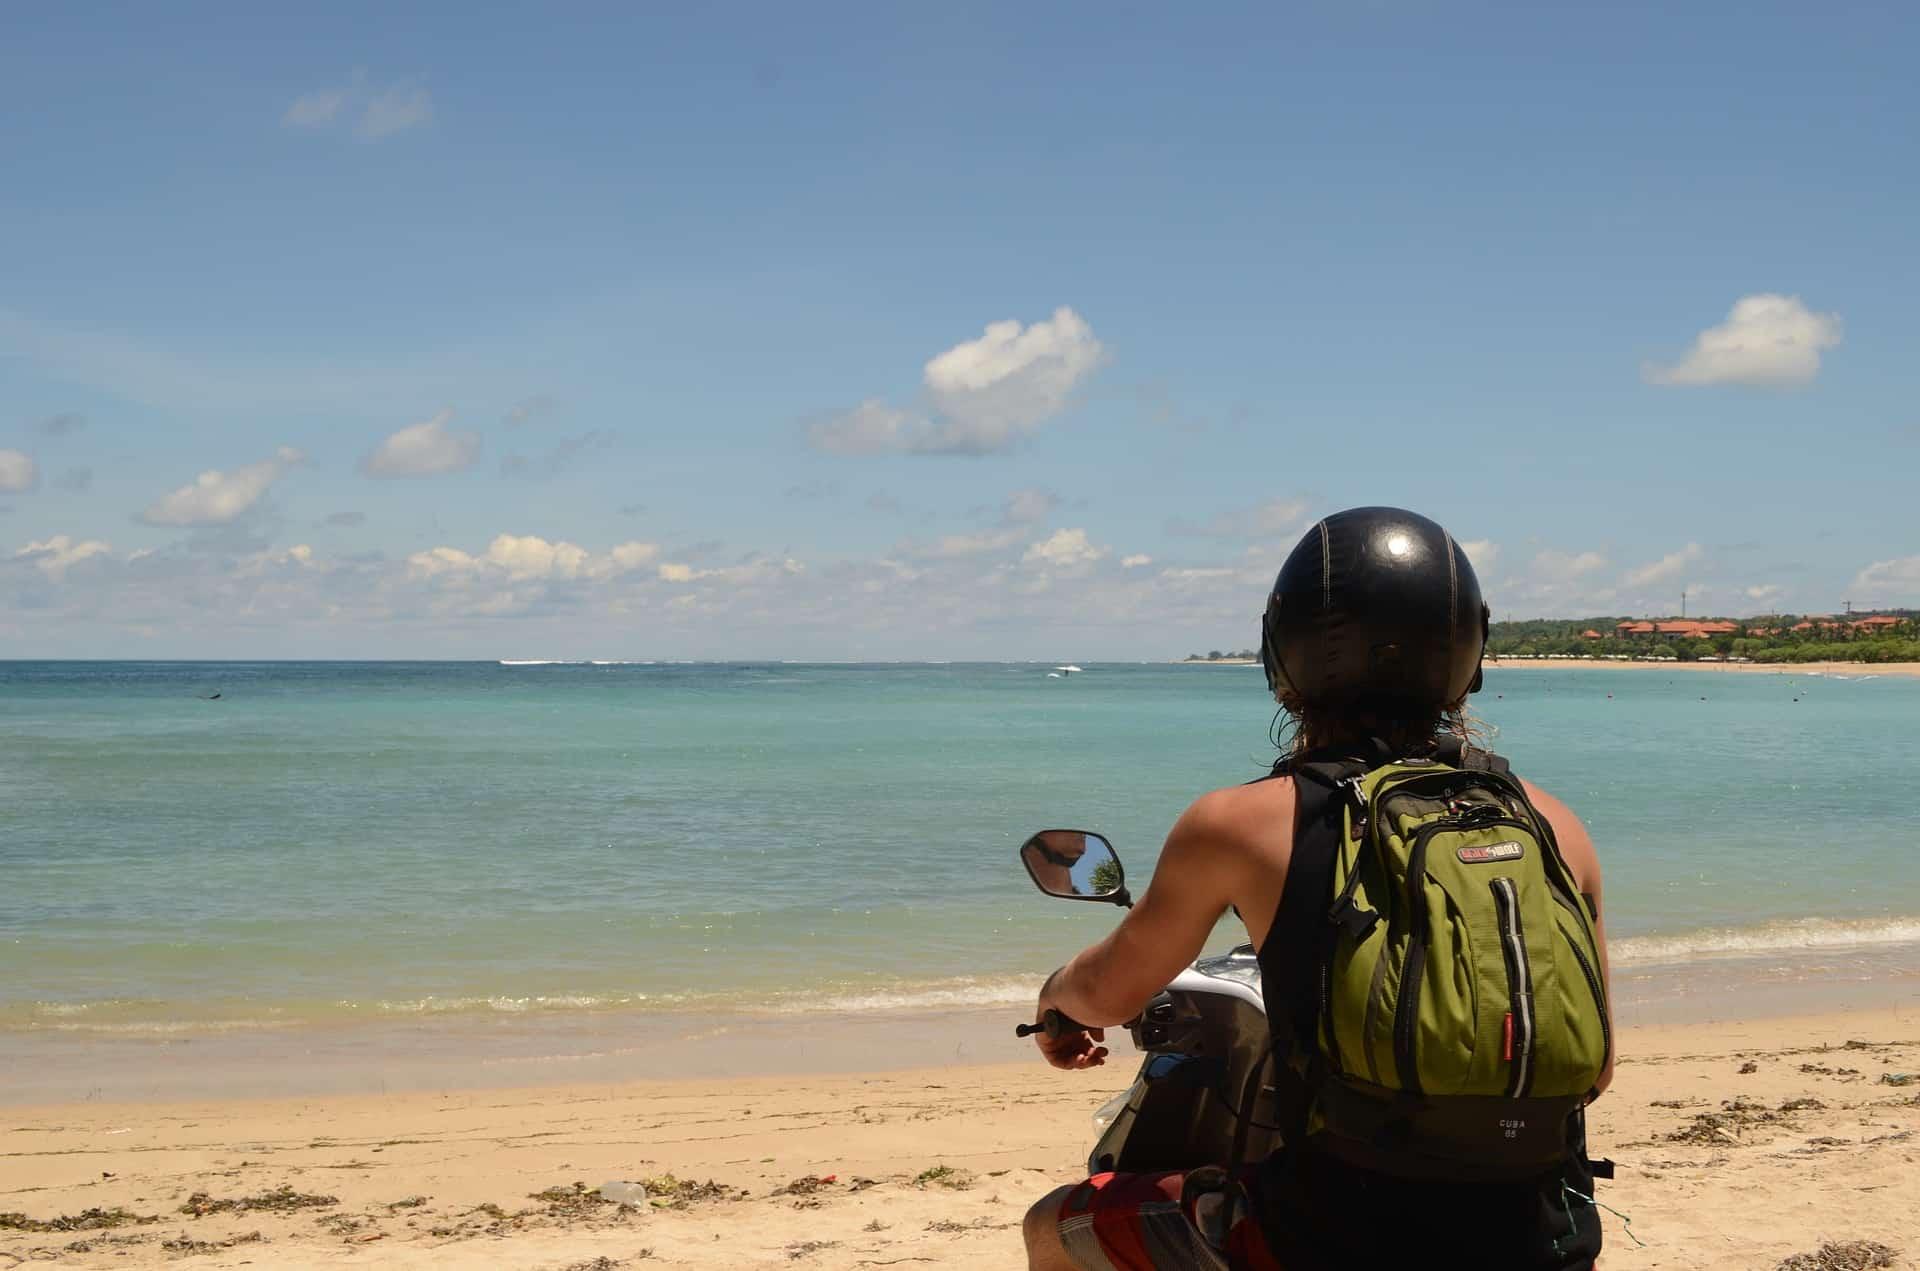 Last Minute Pauschalreise nach Bali oder eher als Backpacker